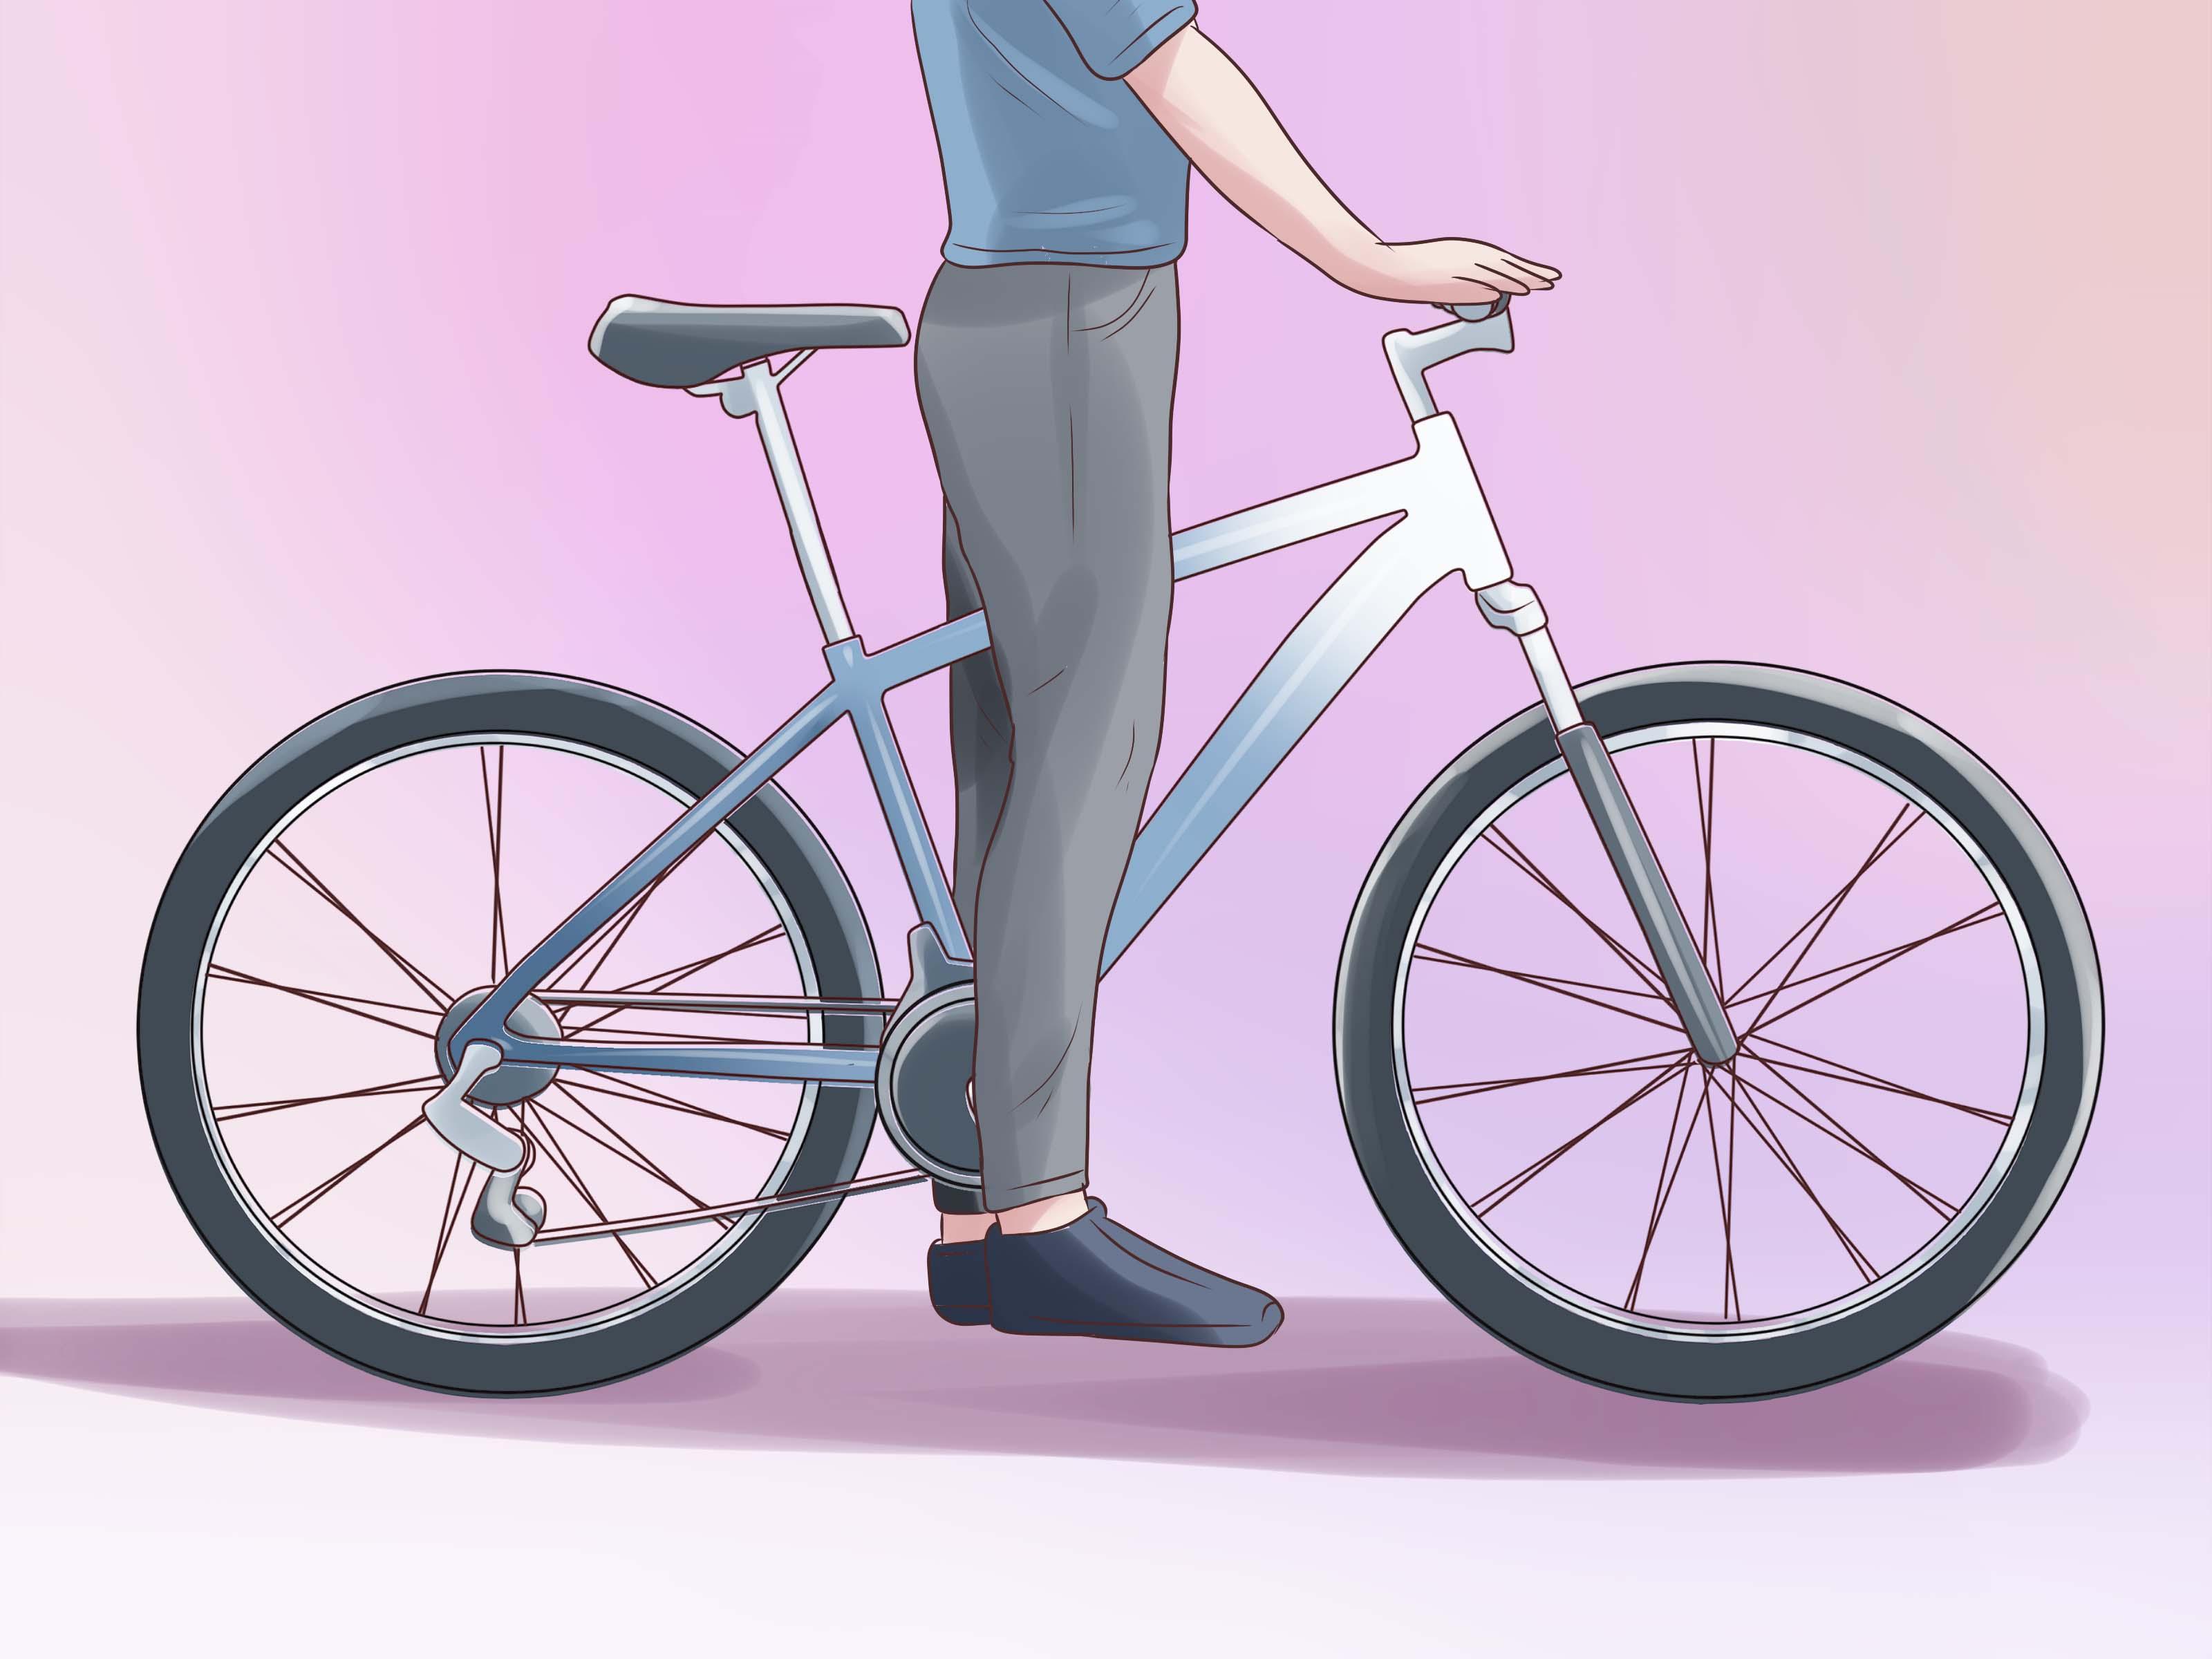 На работу на велосипеде. возможно и нужно ли это?